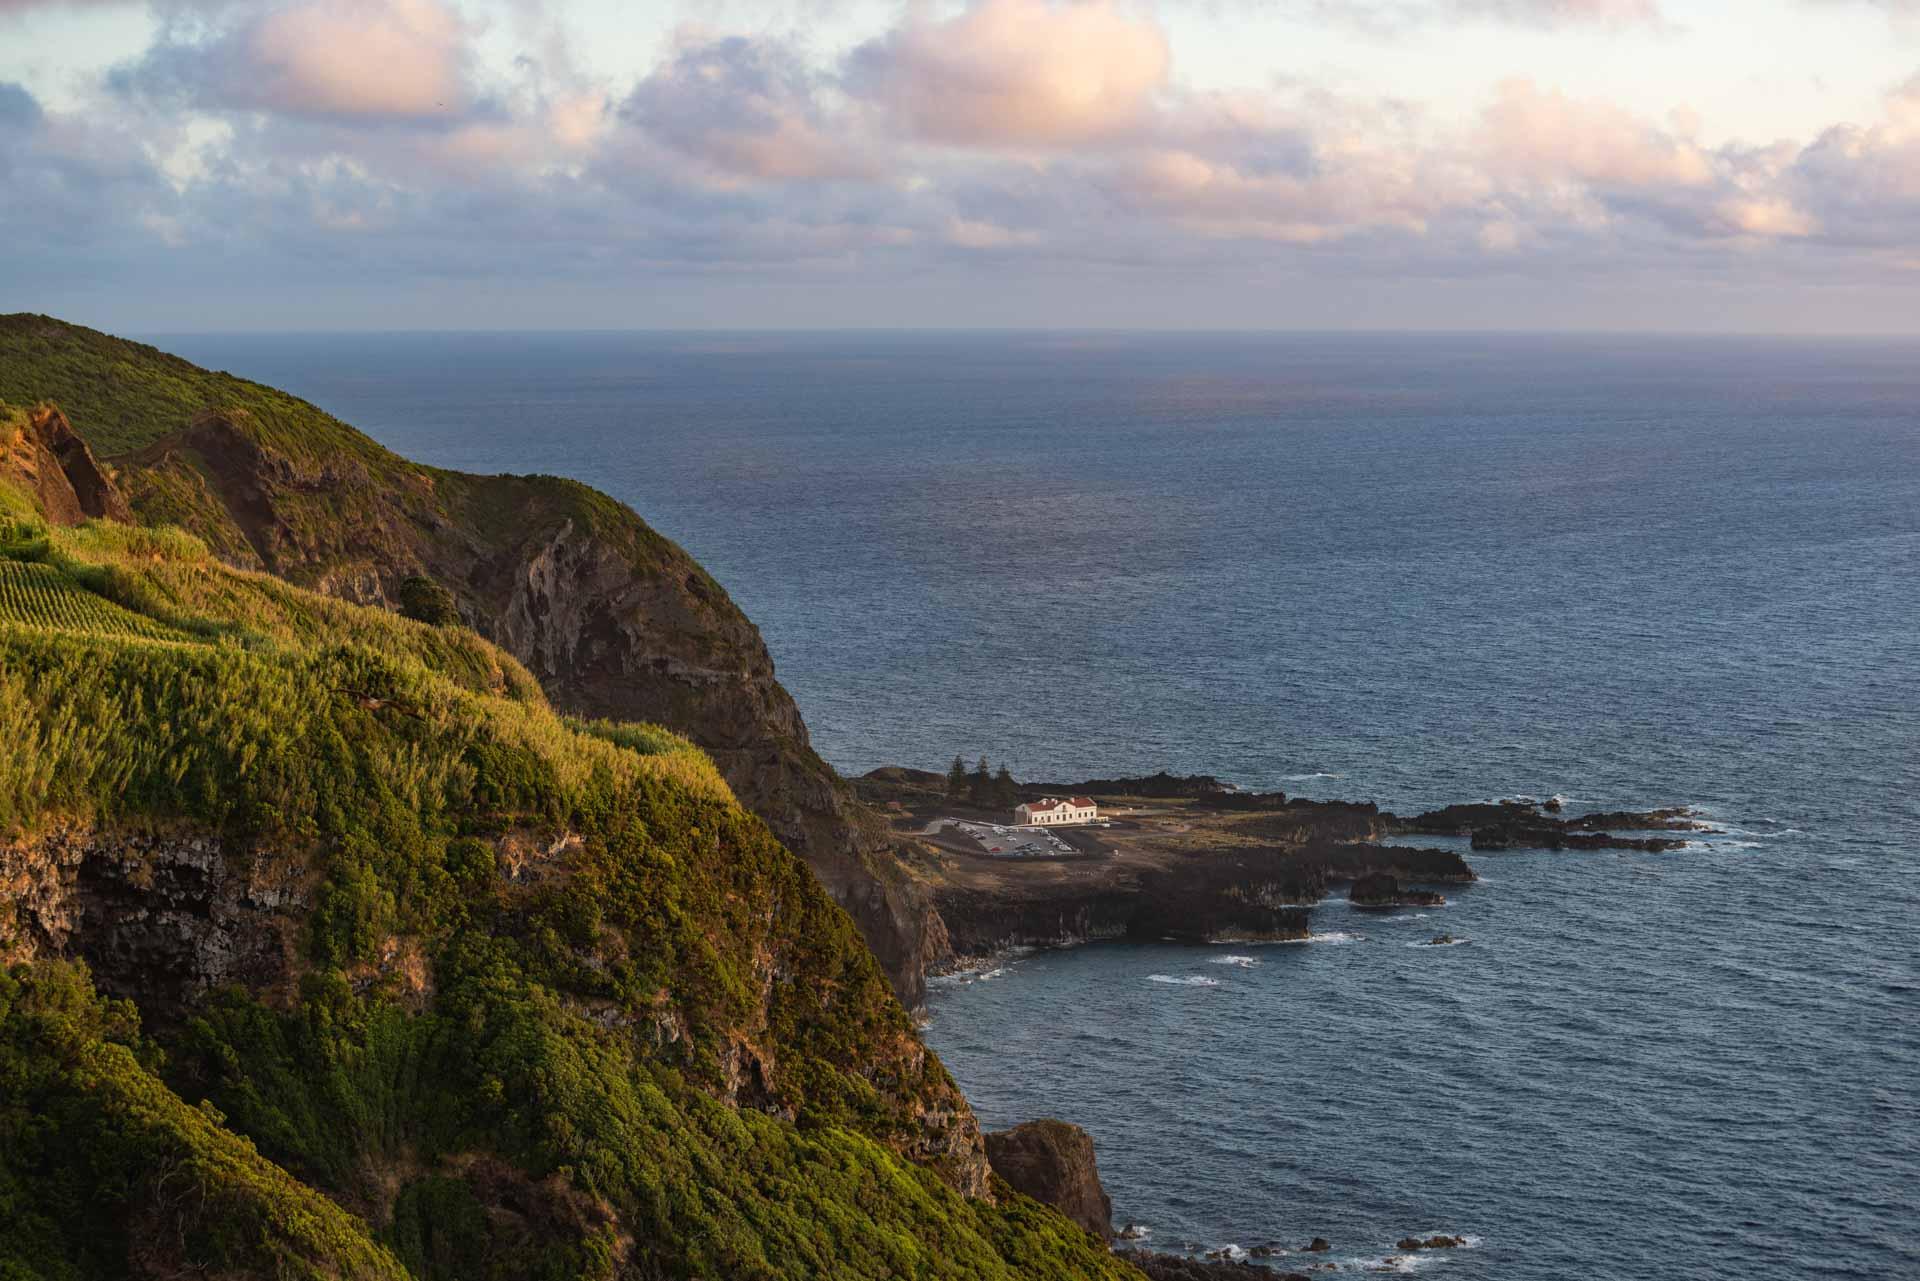 La Ponta da Ferraria, coulée de lave qui rentre dans l'océan avec des sources thermales © VisitAzores